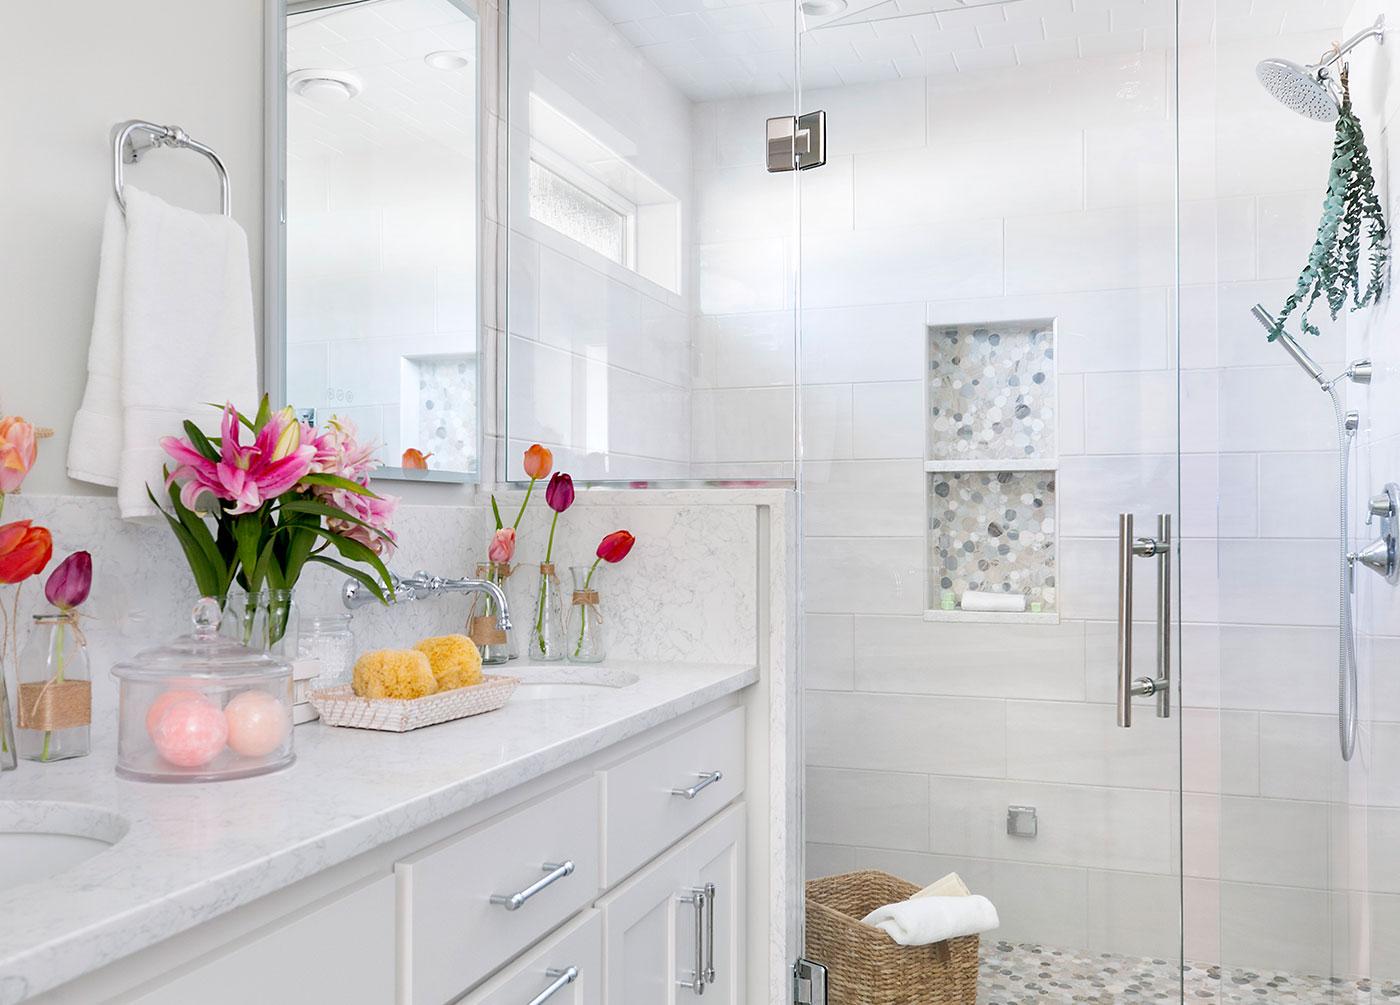 One Room Challenge Spring '21 Bathroom Remodel